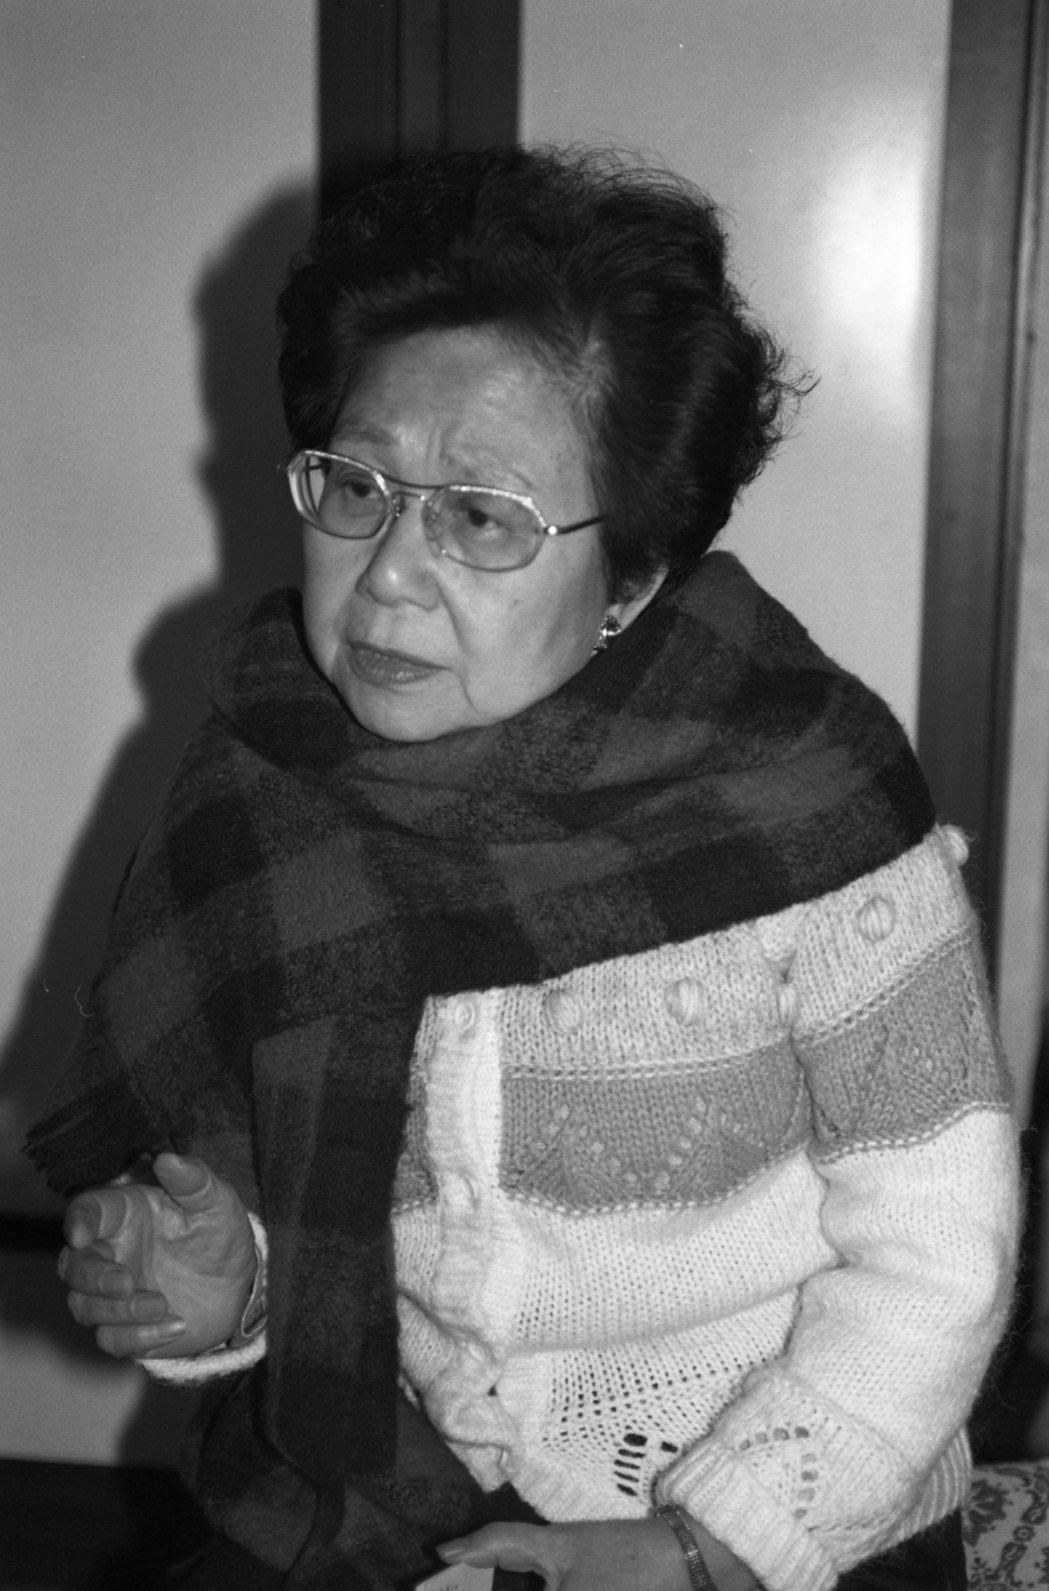 因叛亂罪服刑近10年的前廣播界名人崔小萍訪問情形。 圖/聯合報系資料照